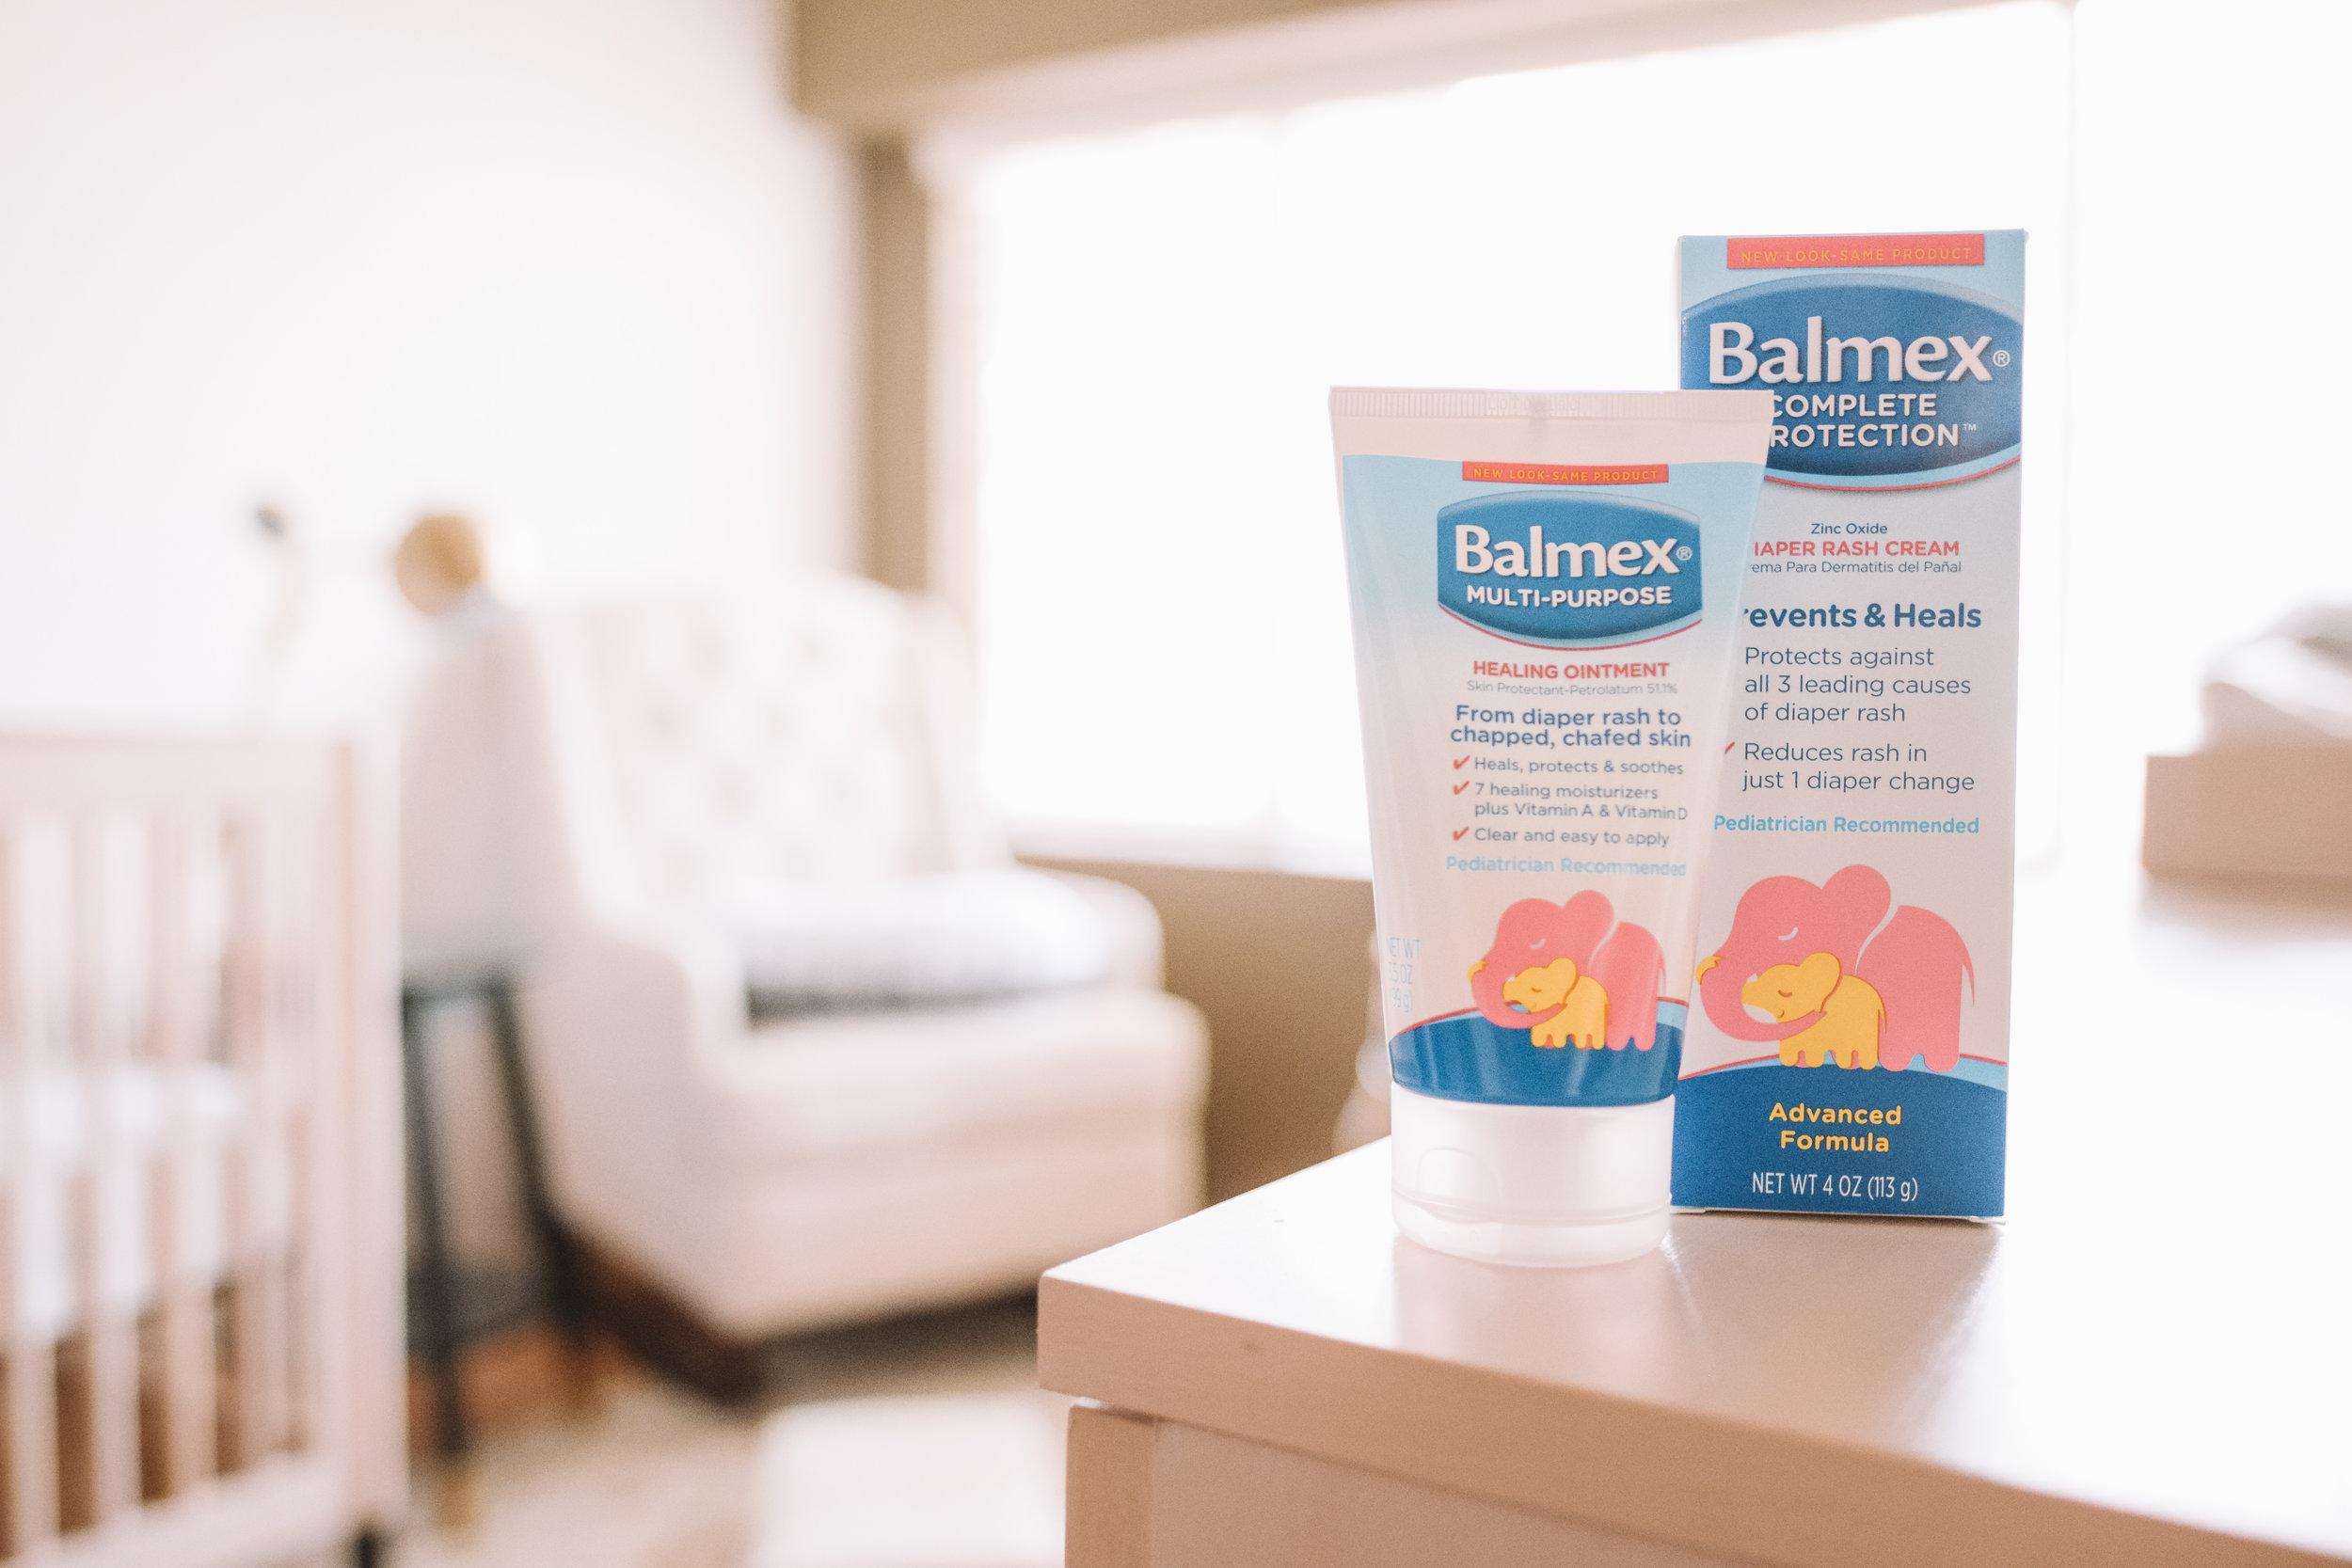 3 Tips for Preventing Diaper Rashes - The Overwhelmed Mommy Blogger